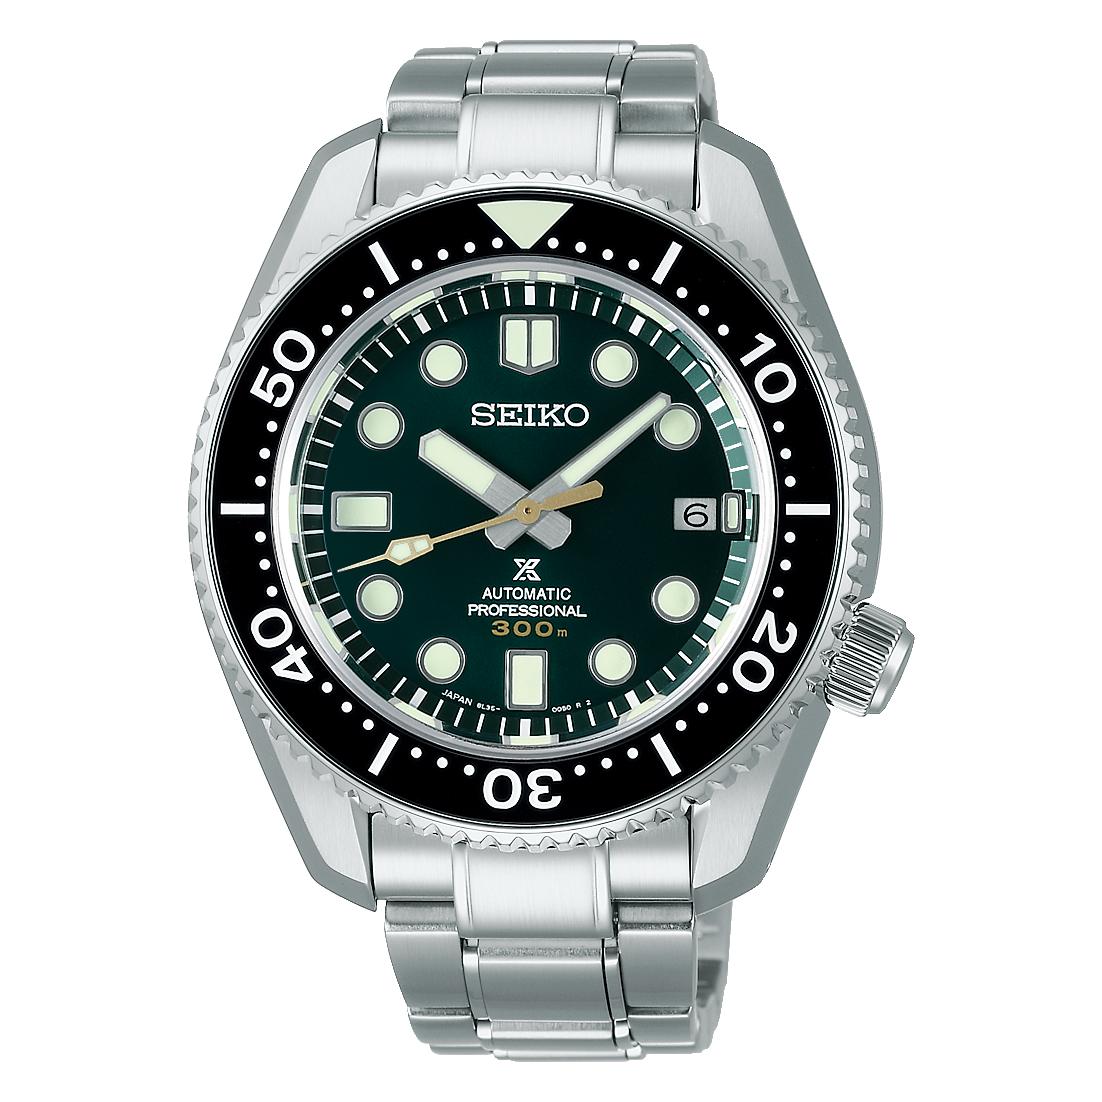 Orologio Seiko Prospex SLA047 J1